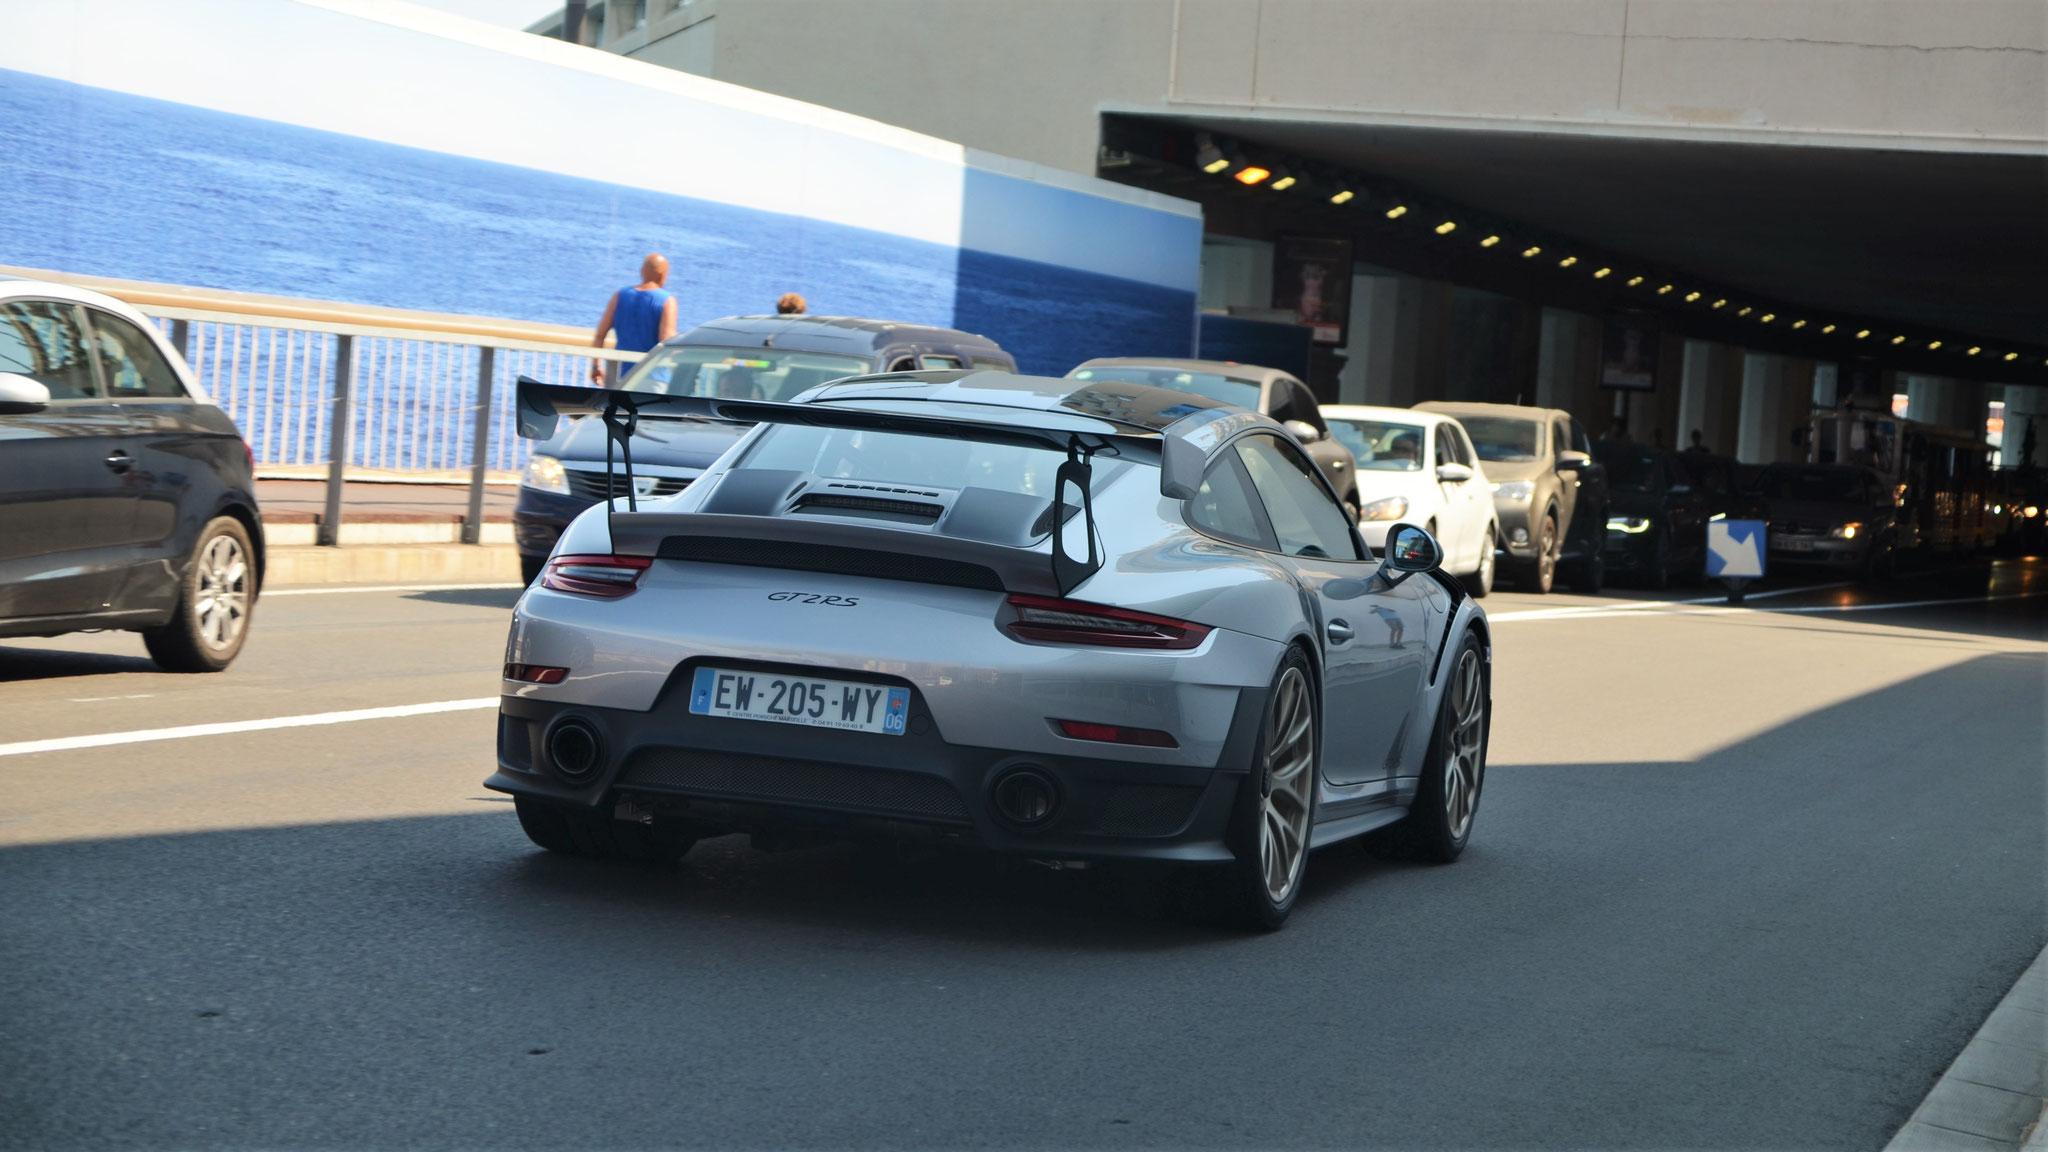 Porsche GT2 RS - EW-205-WY-06 (FRA)